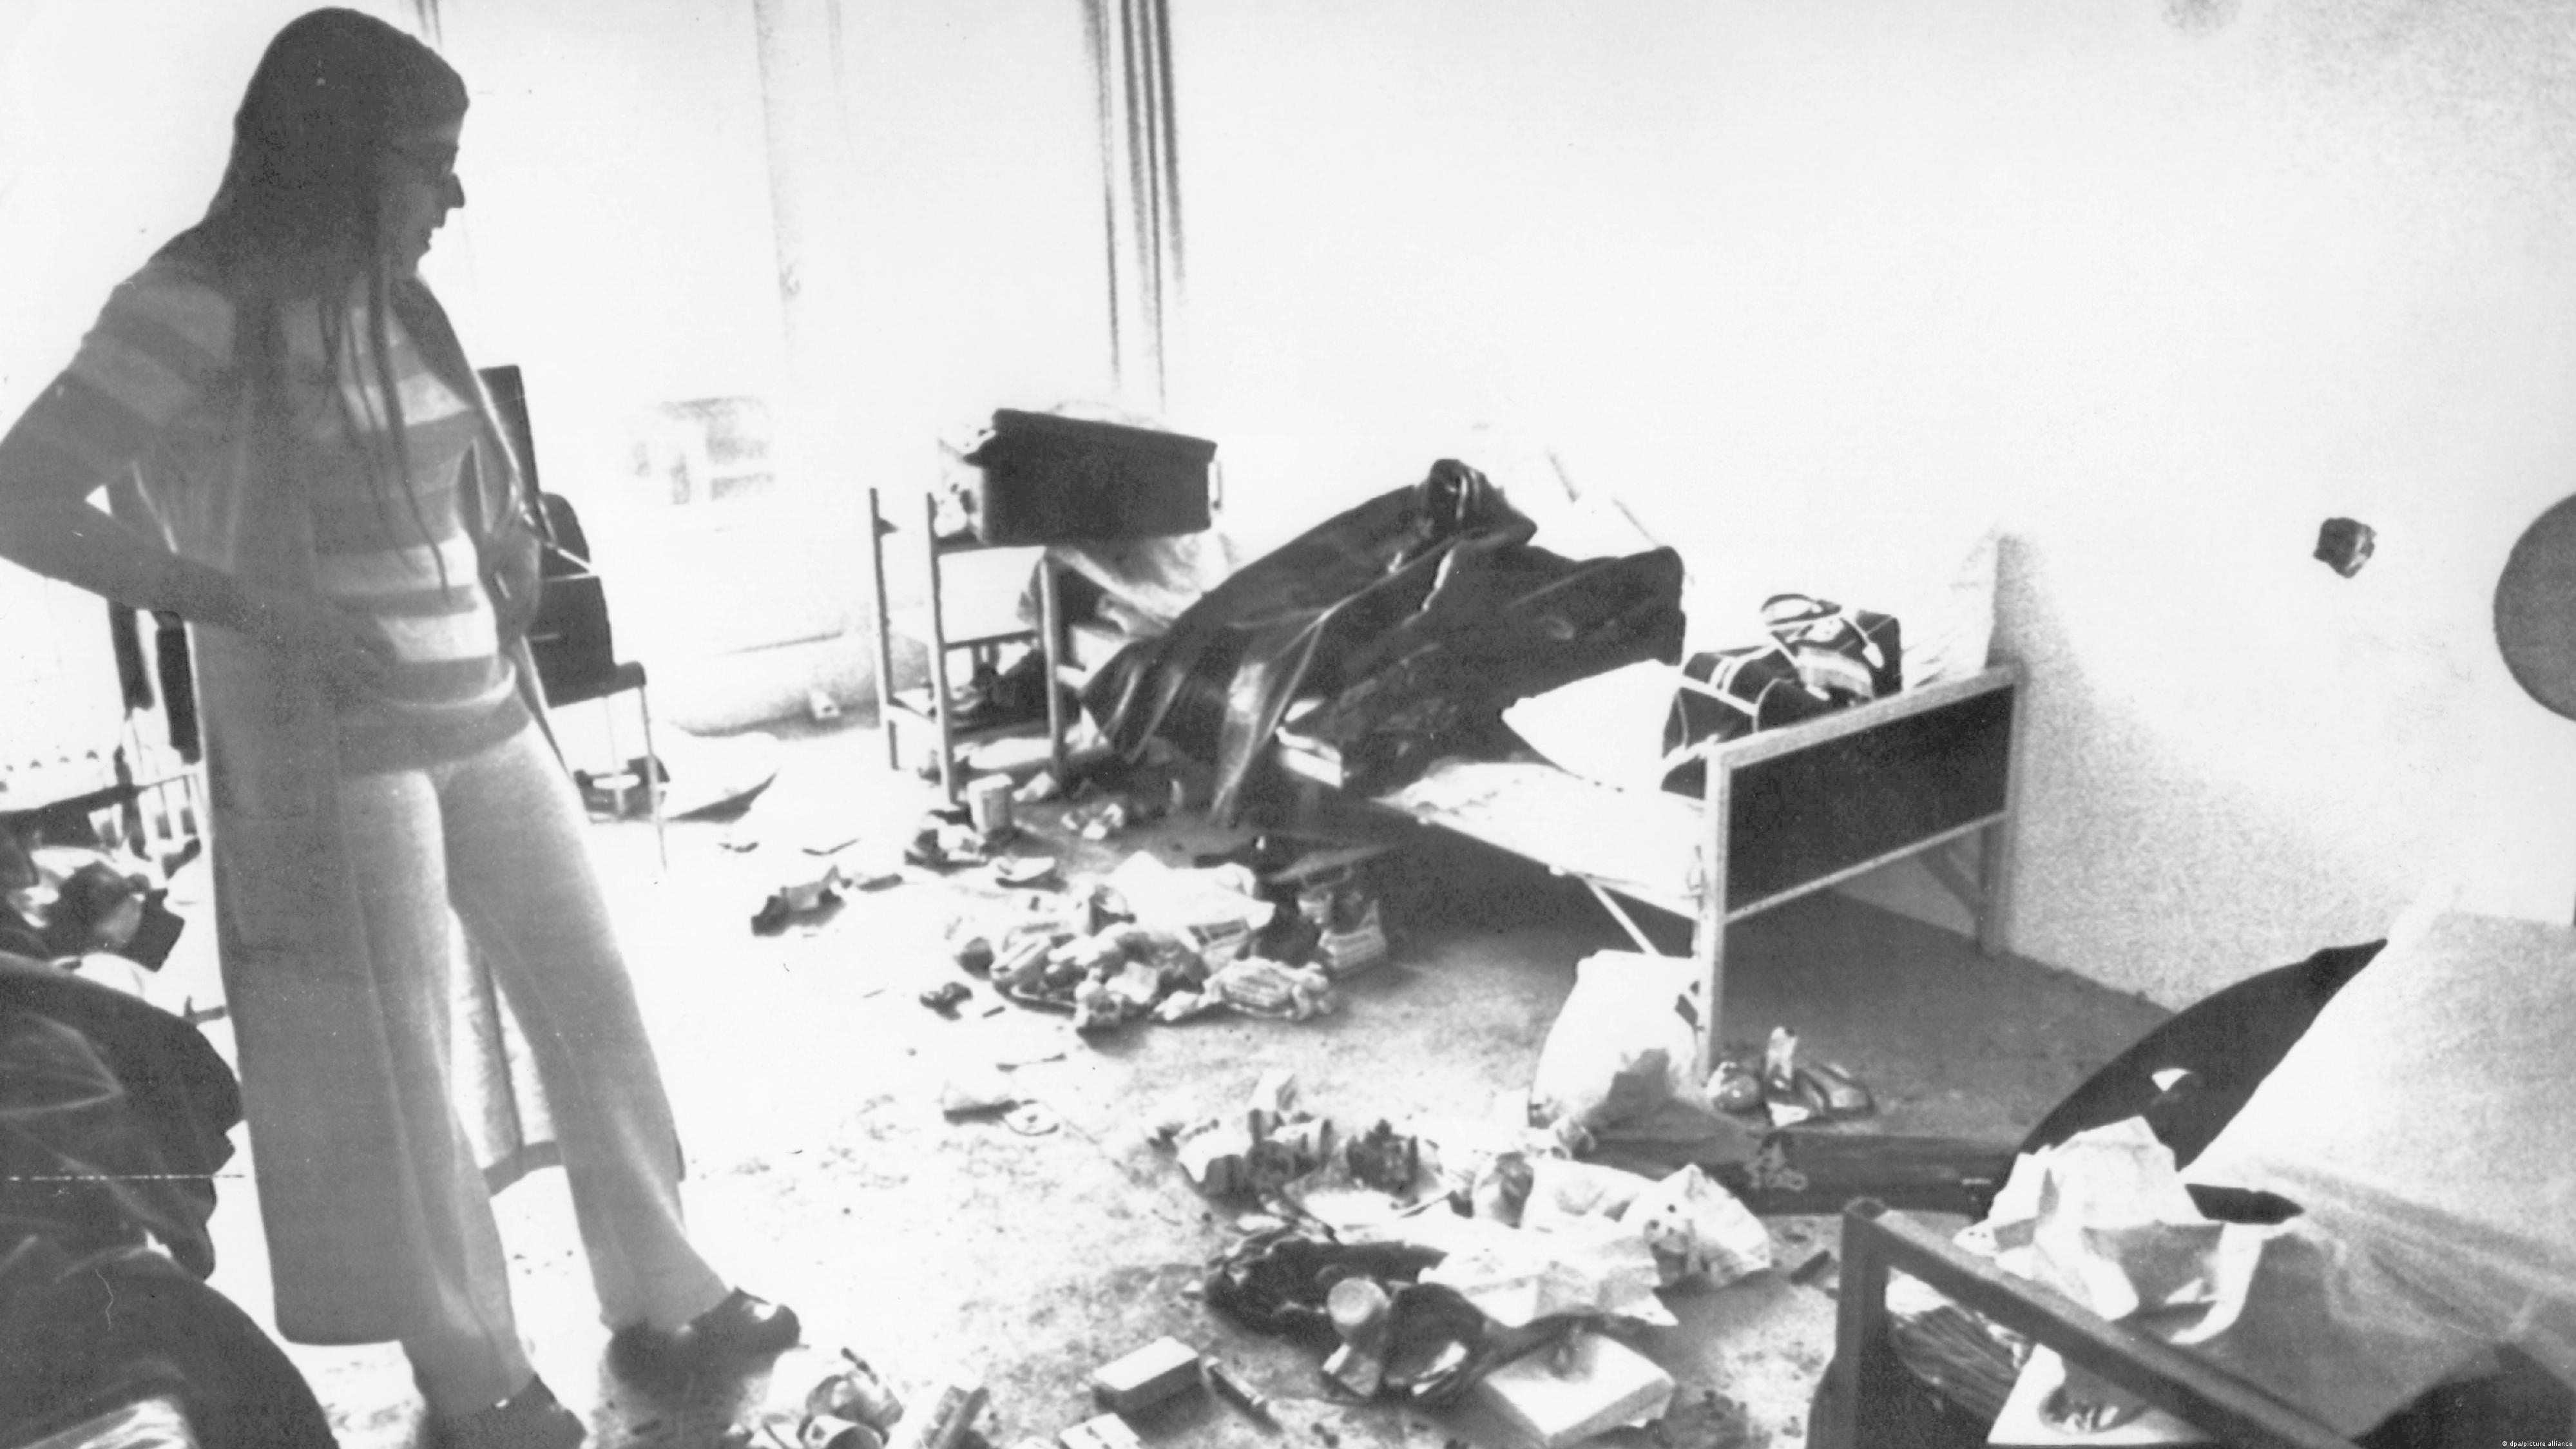 Кровавая Олимпиада. История теракта, изменившего мир ...